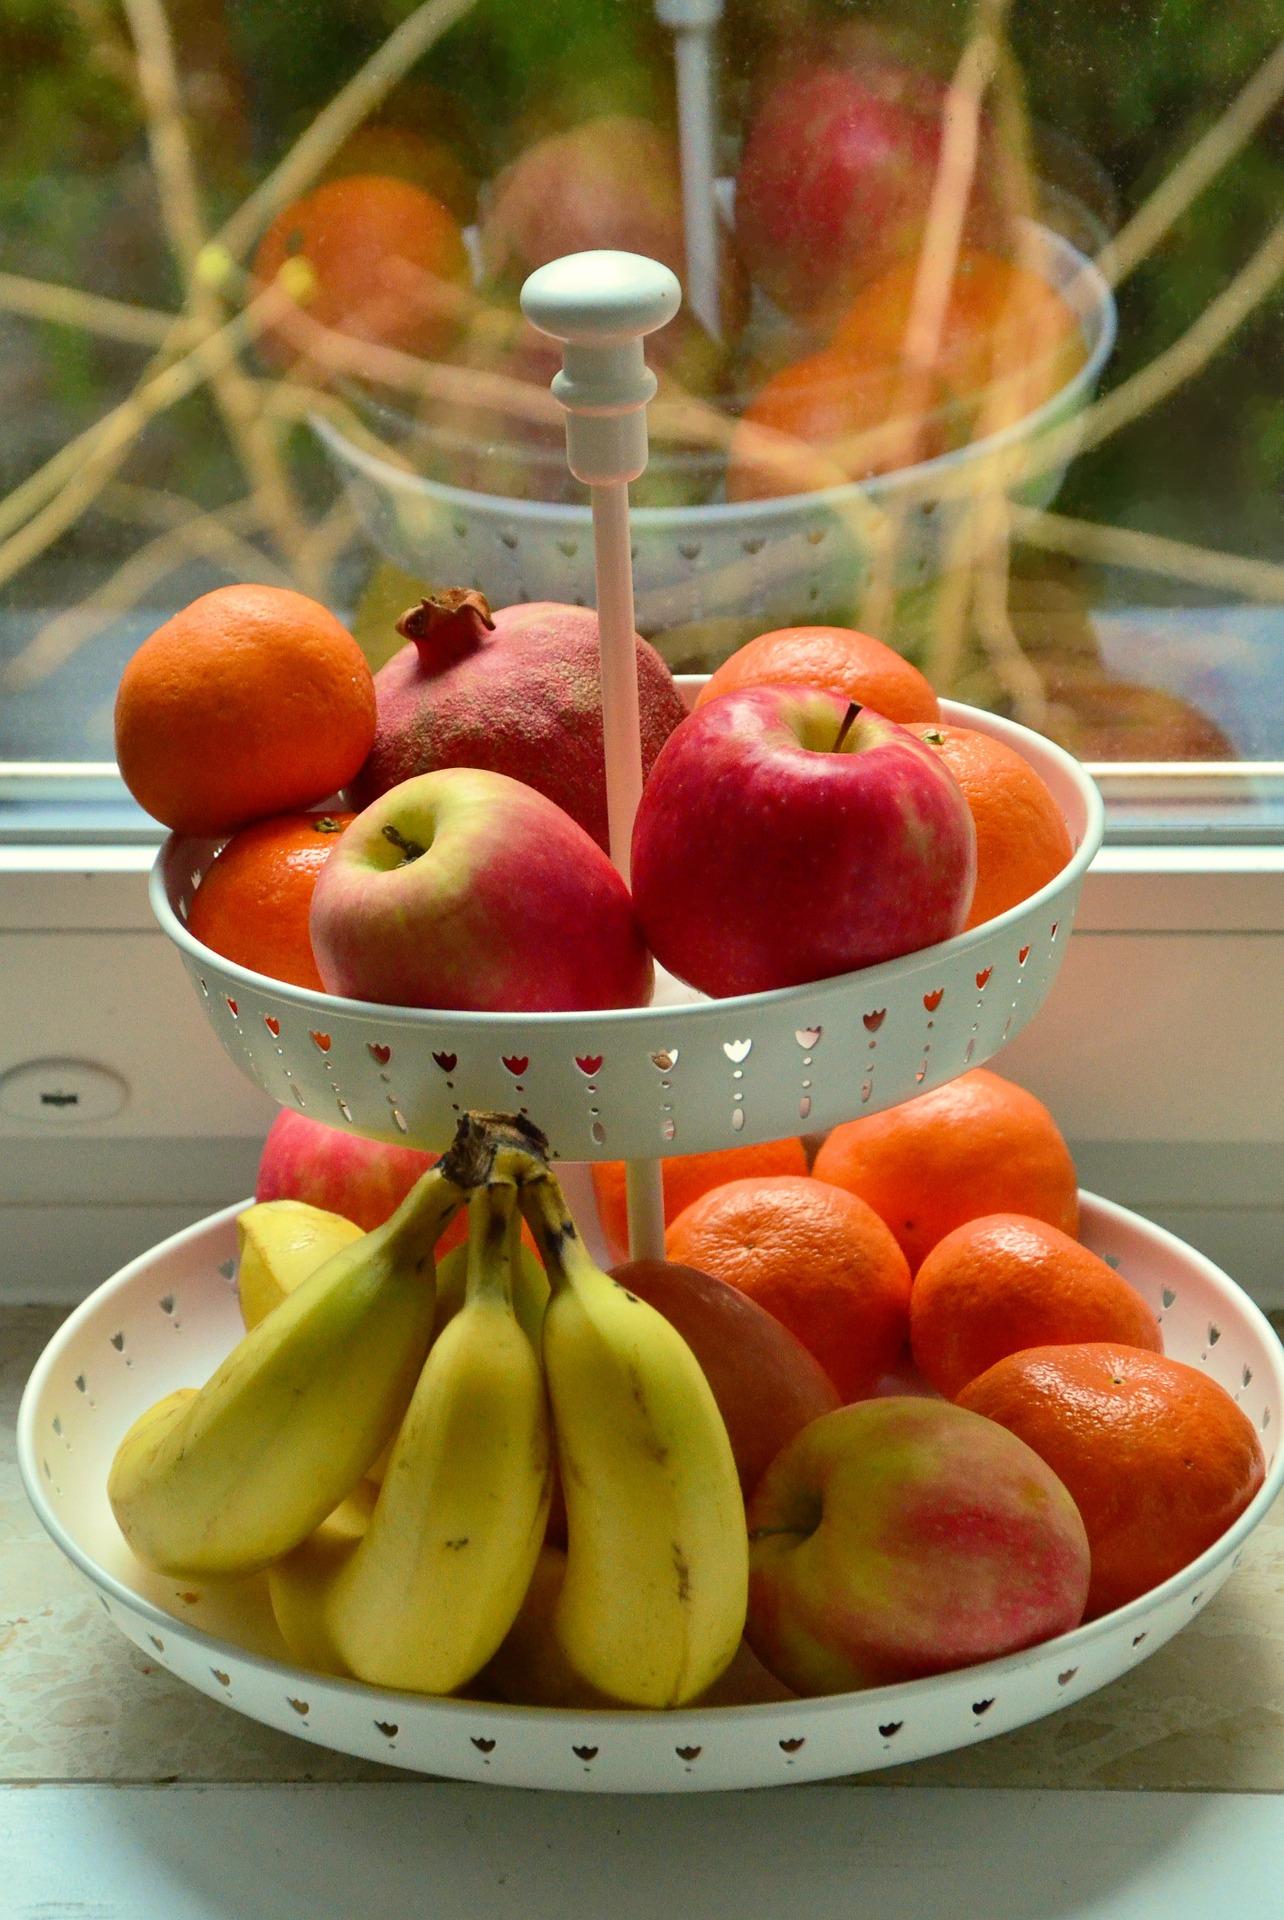 fruit-bowl-1210725_1920